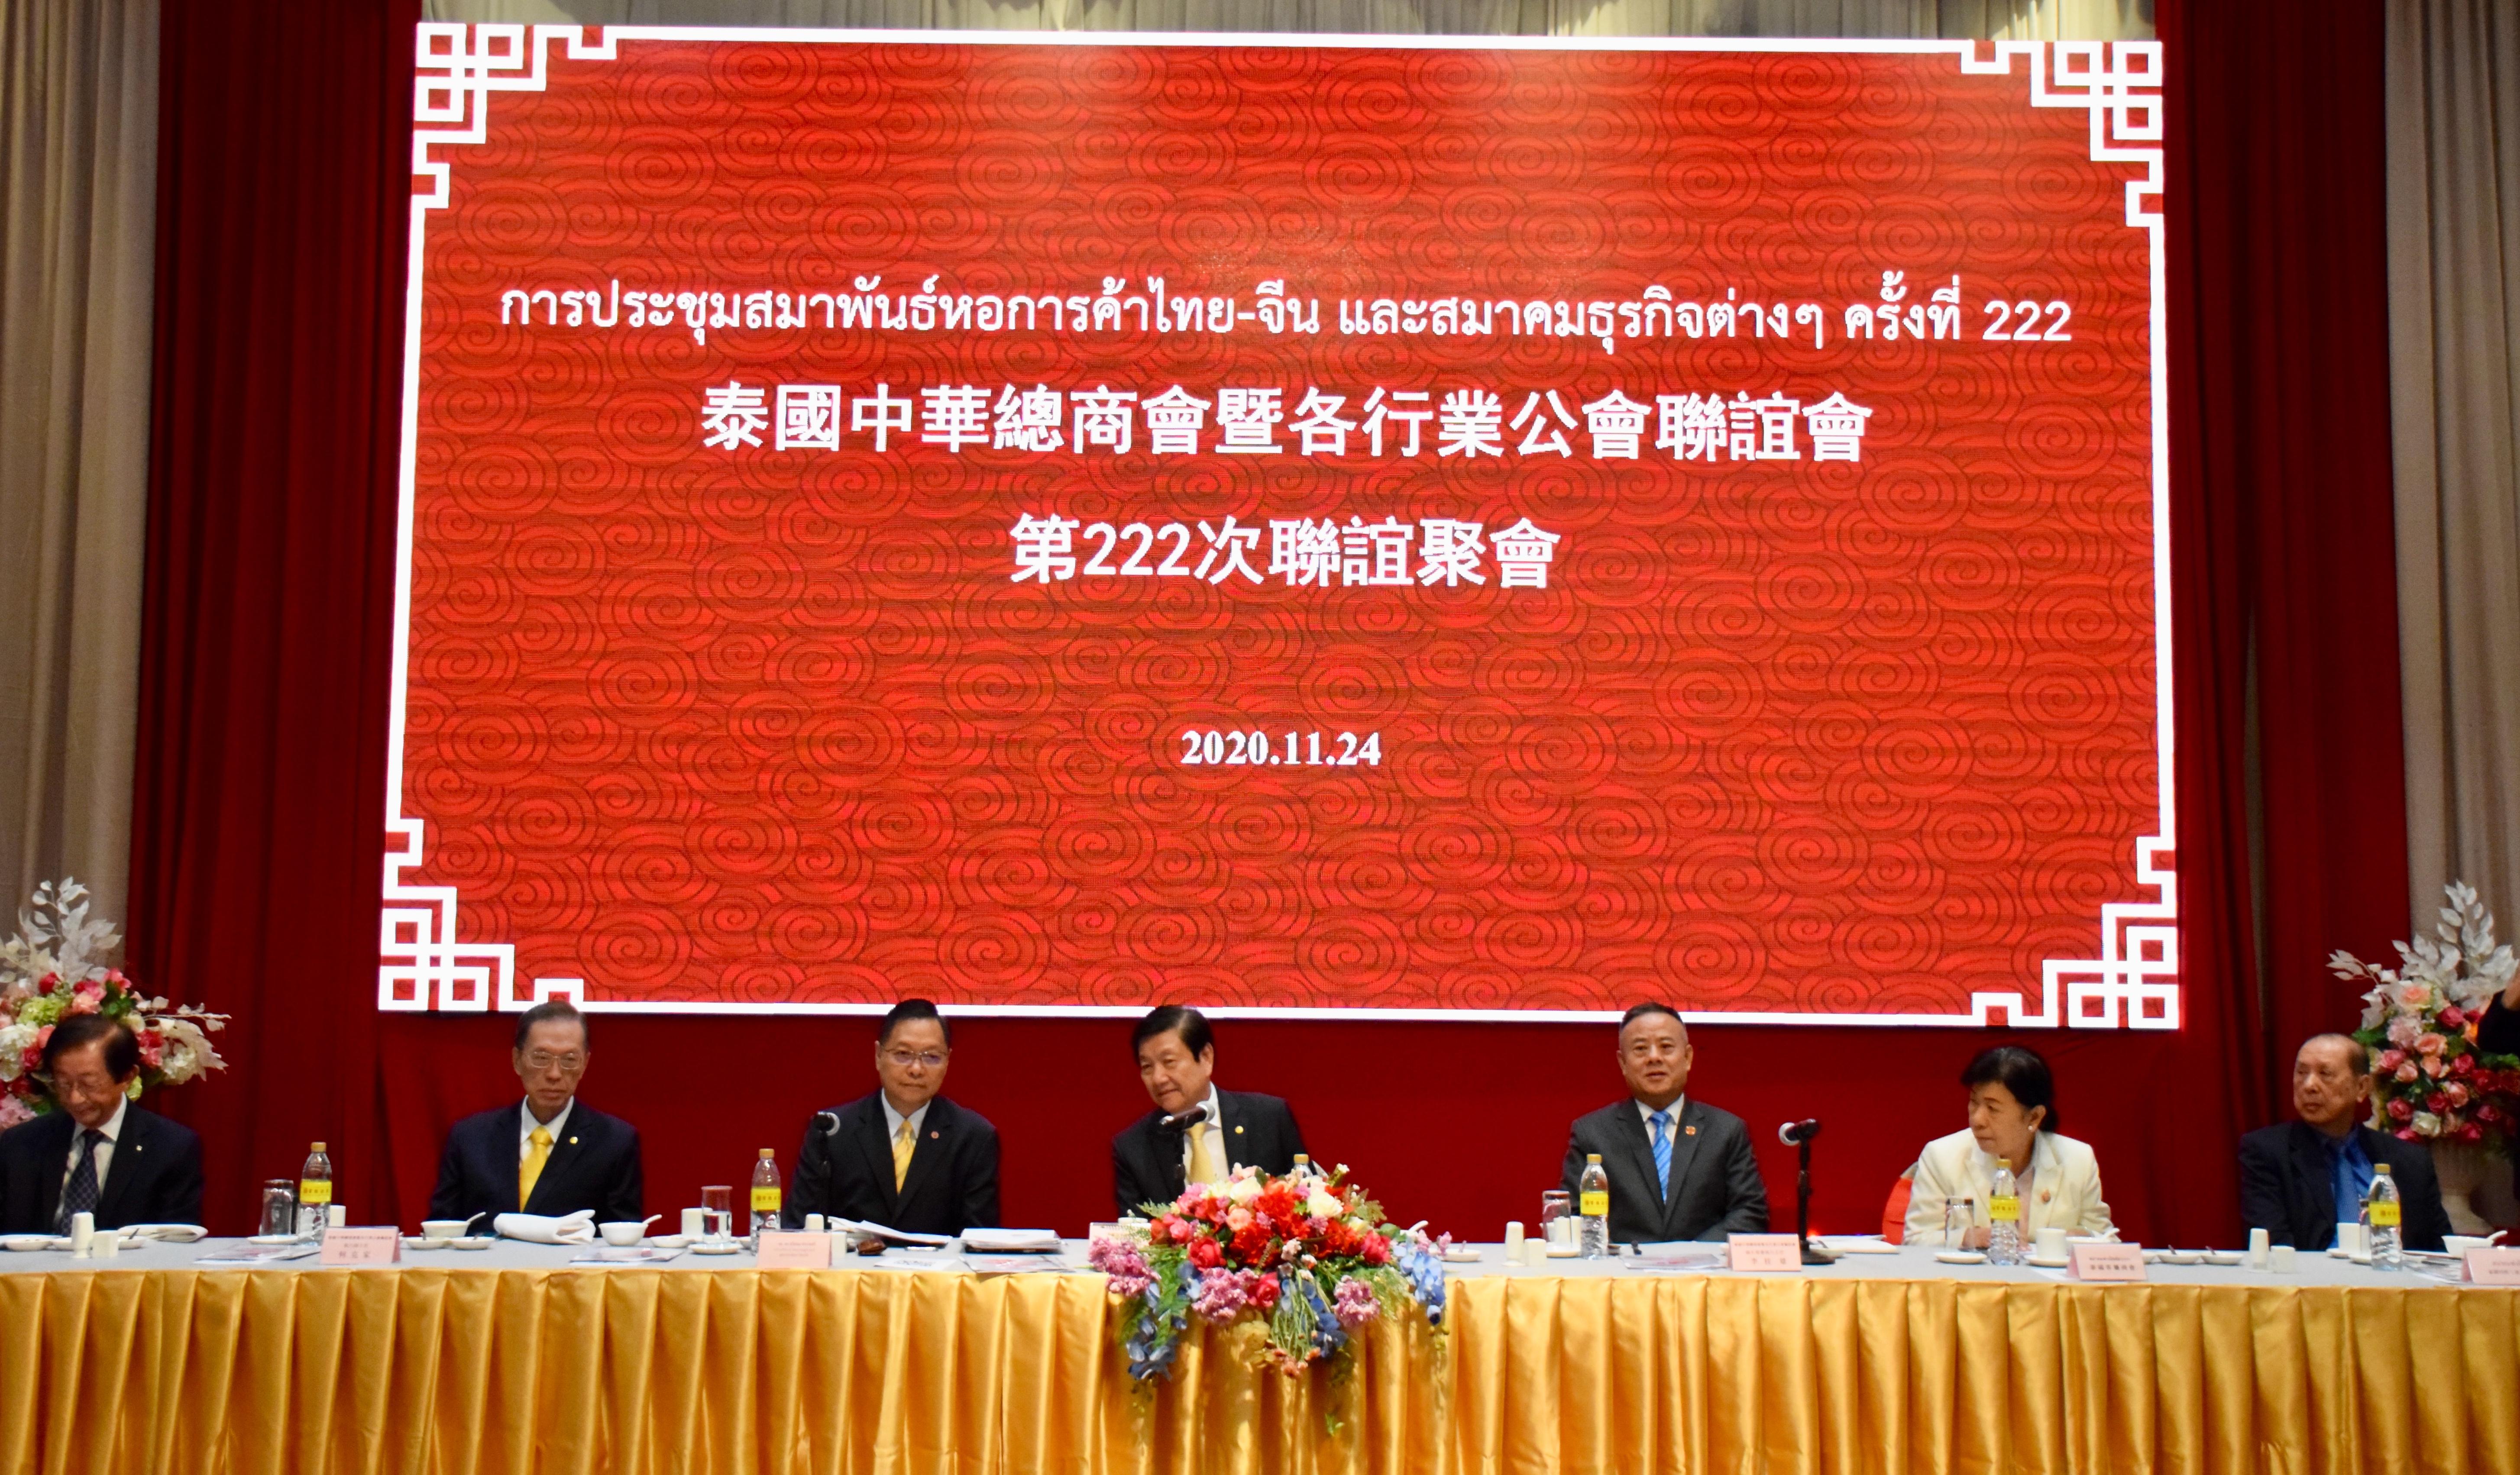 泰国中华总商会暨各行业公会联谊会举行第222次聚餐联谊会